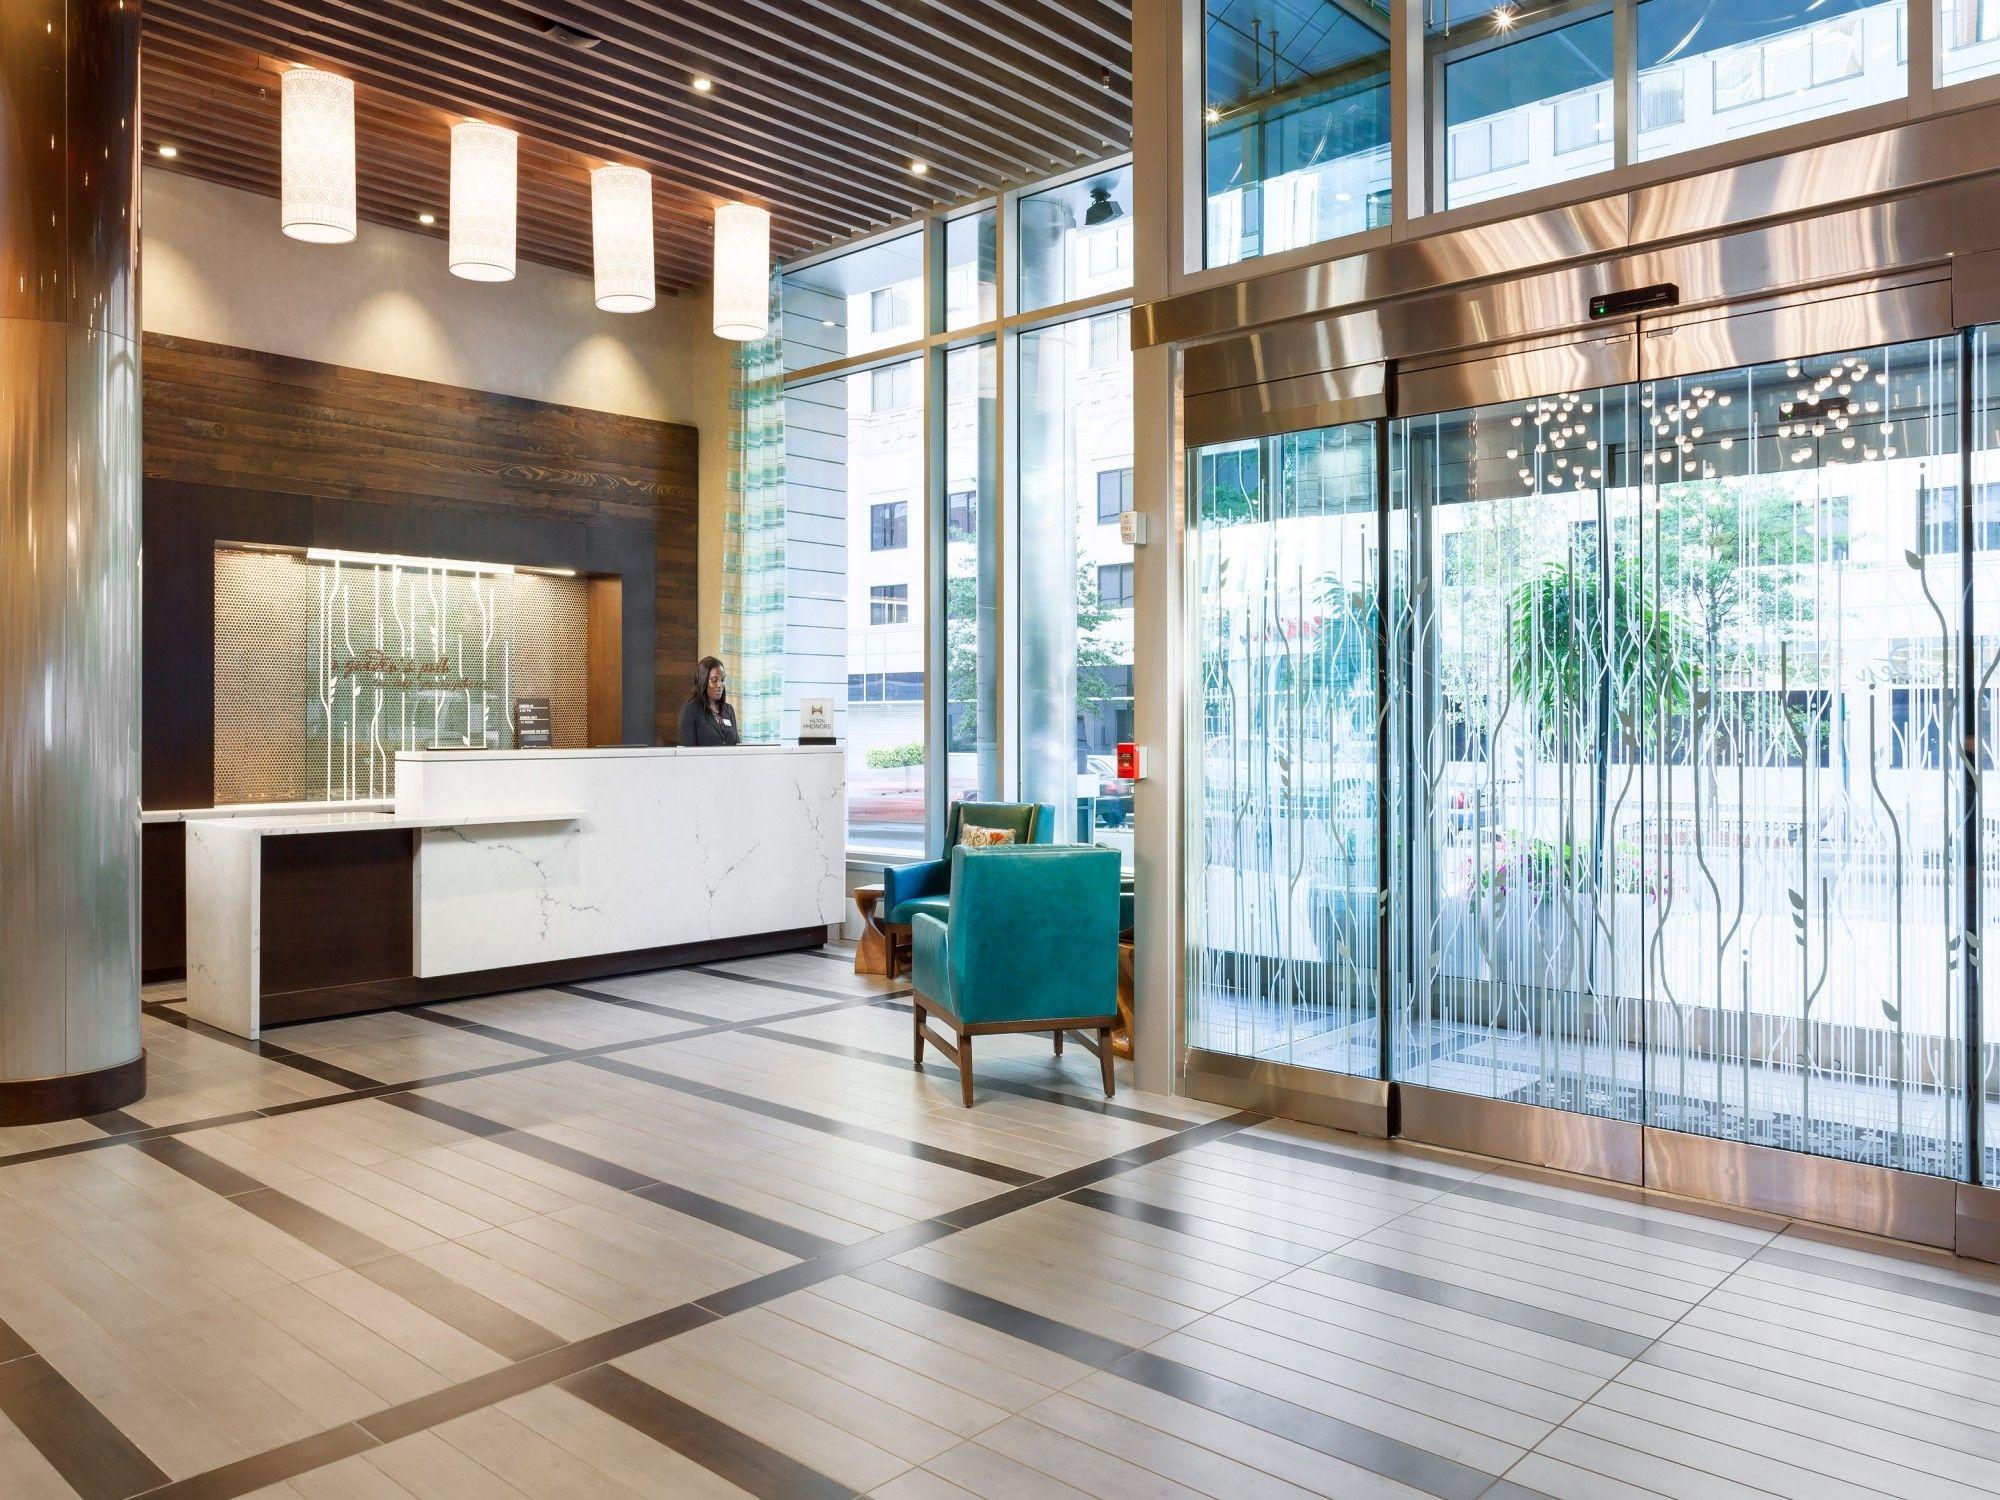 Hilton Garden Inn Interior Design Google Search Interior